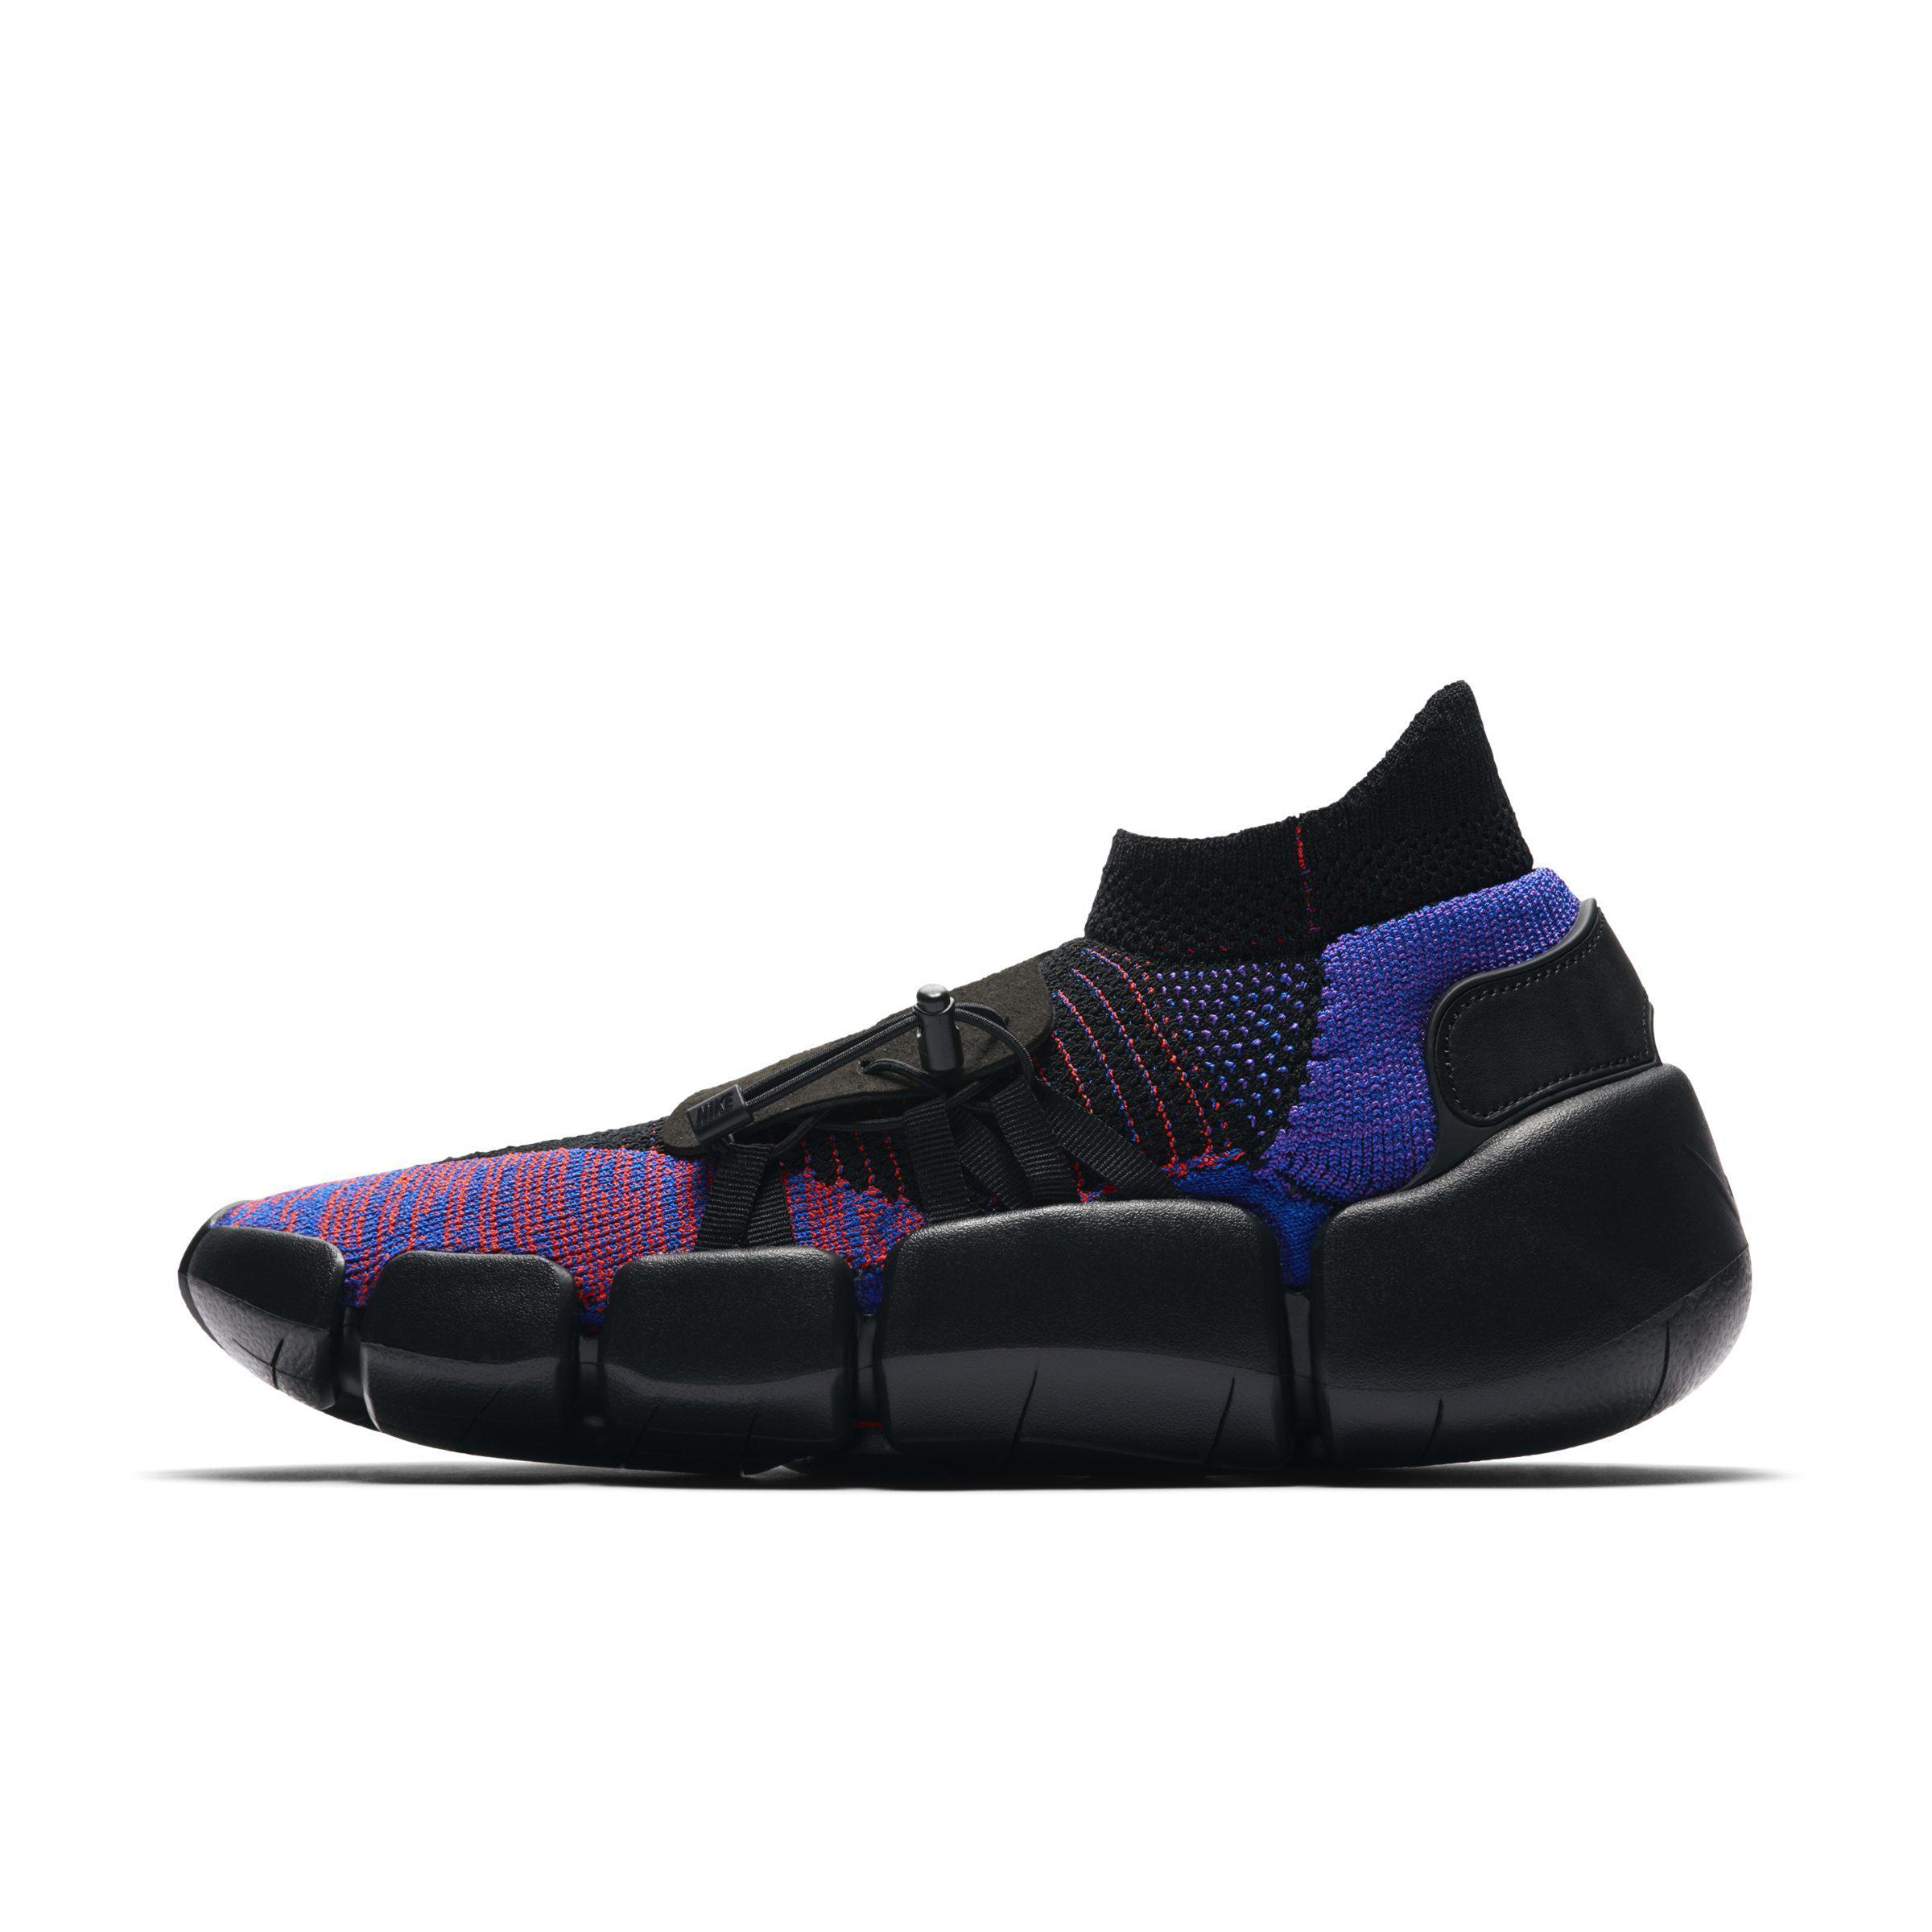 49dc0c0b419d Nike Footscape Flyknit Dm Shoe in Purple for Men - Lyst